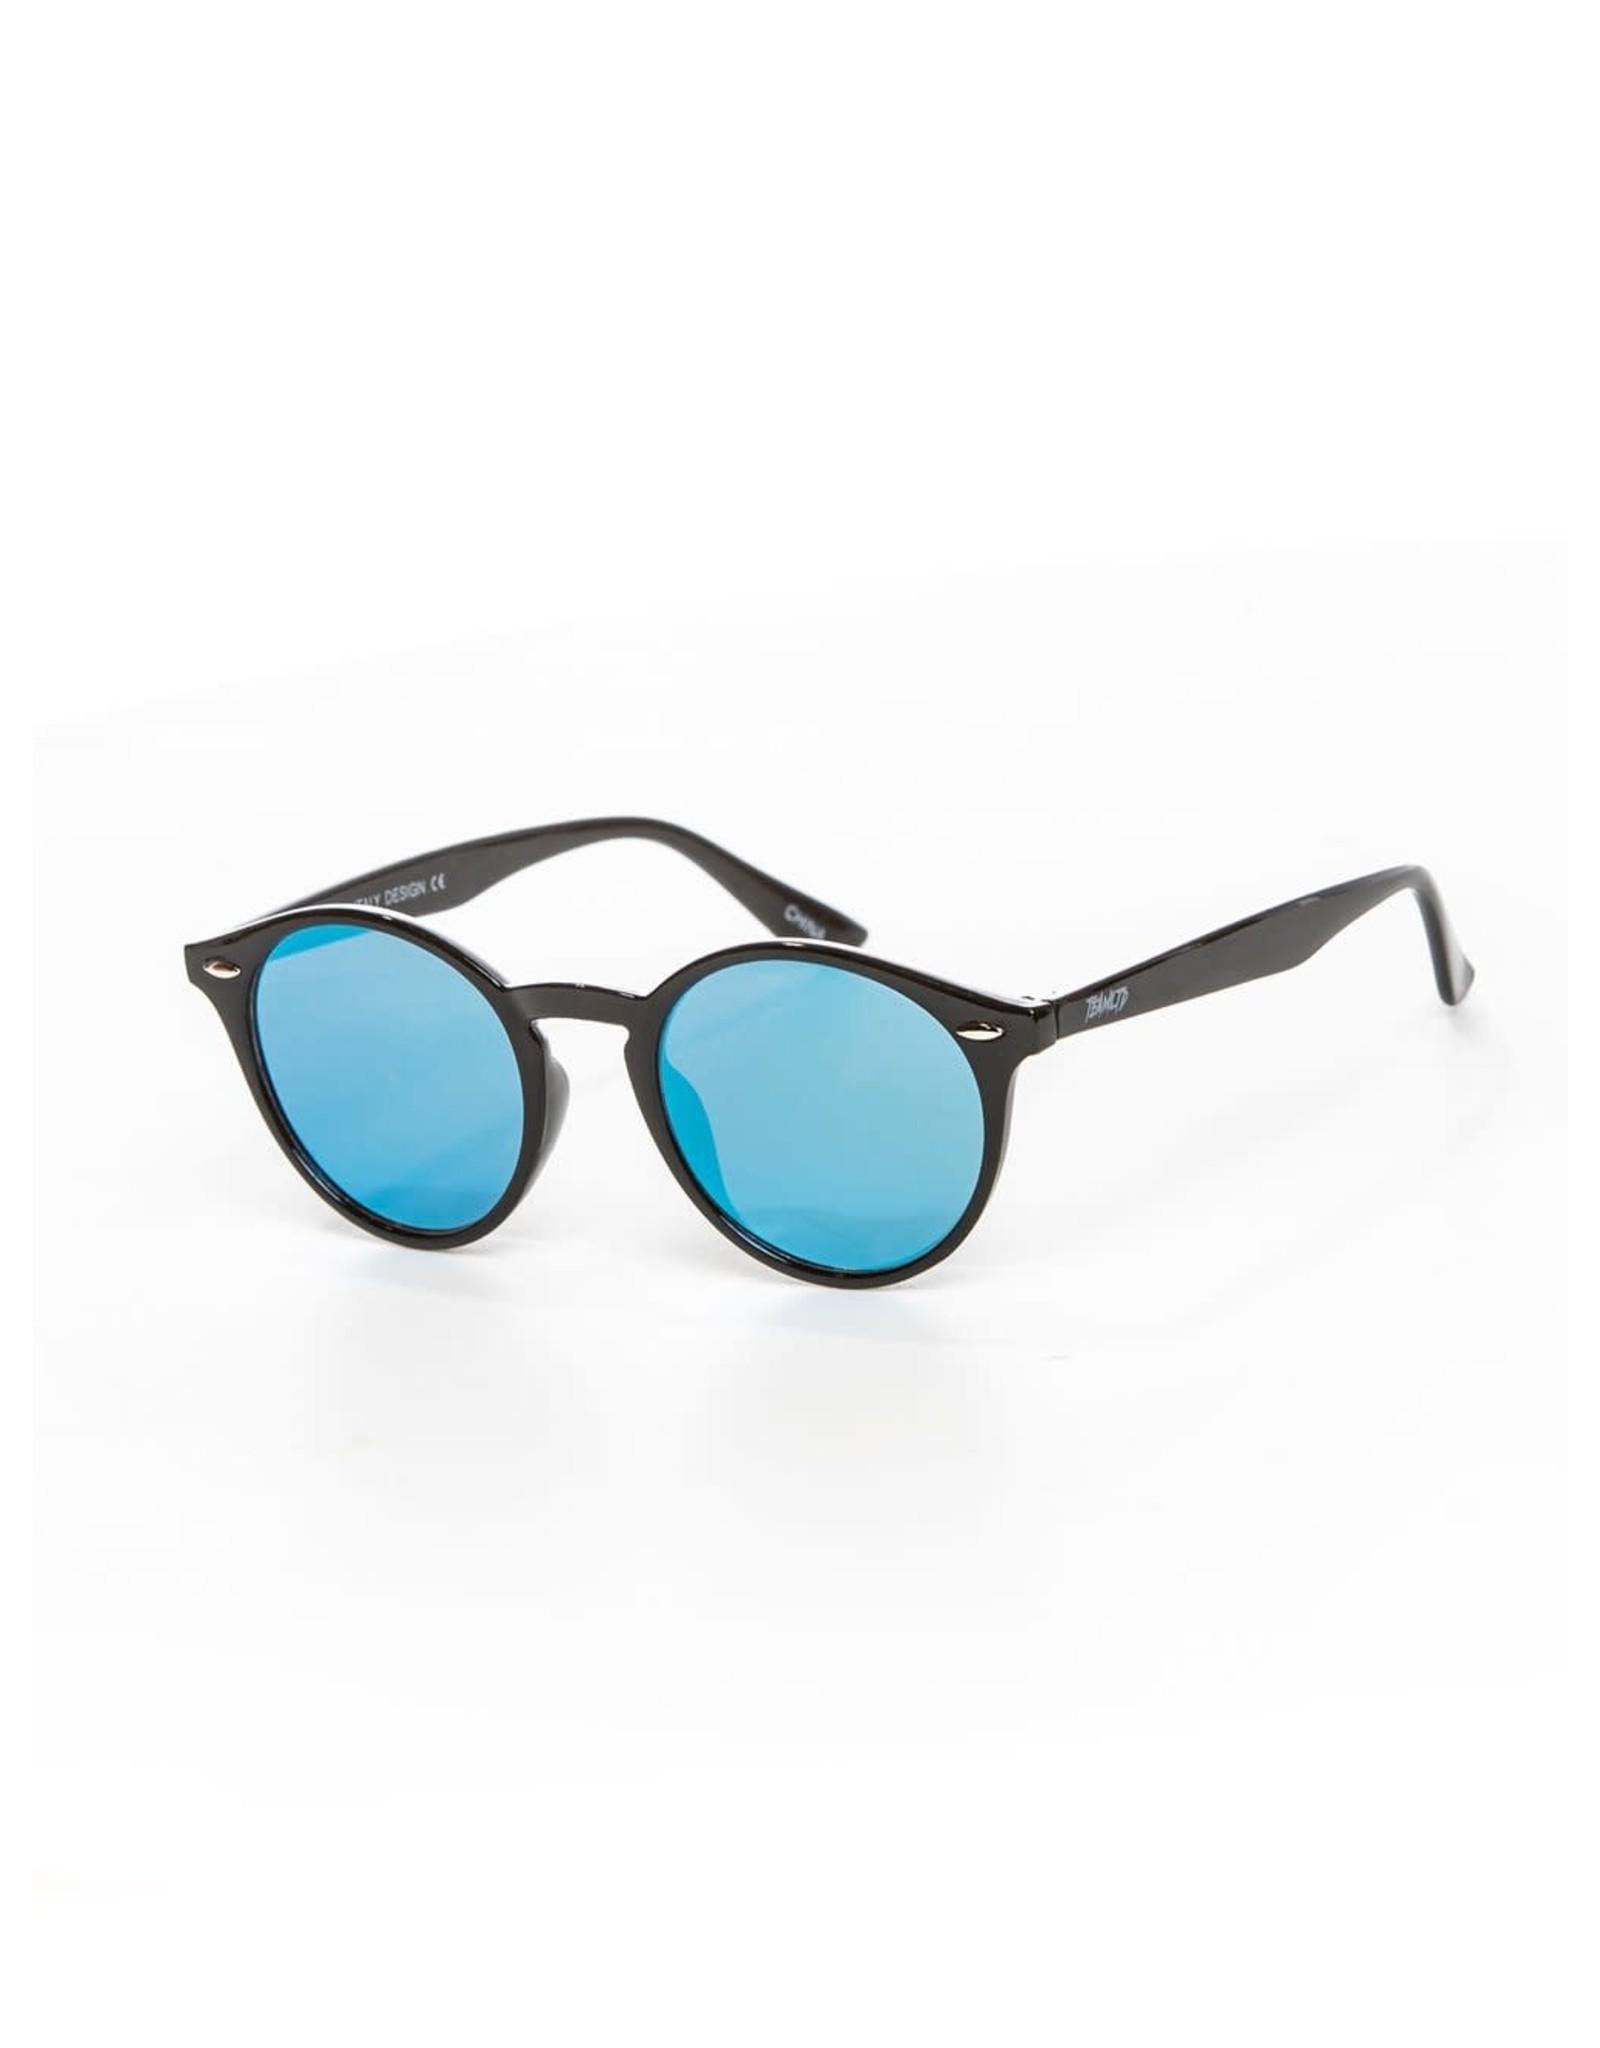 TEAMLTD Instinct Sunglasses